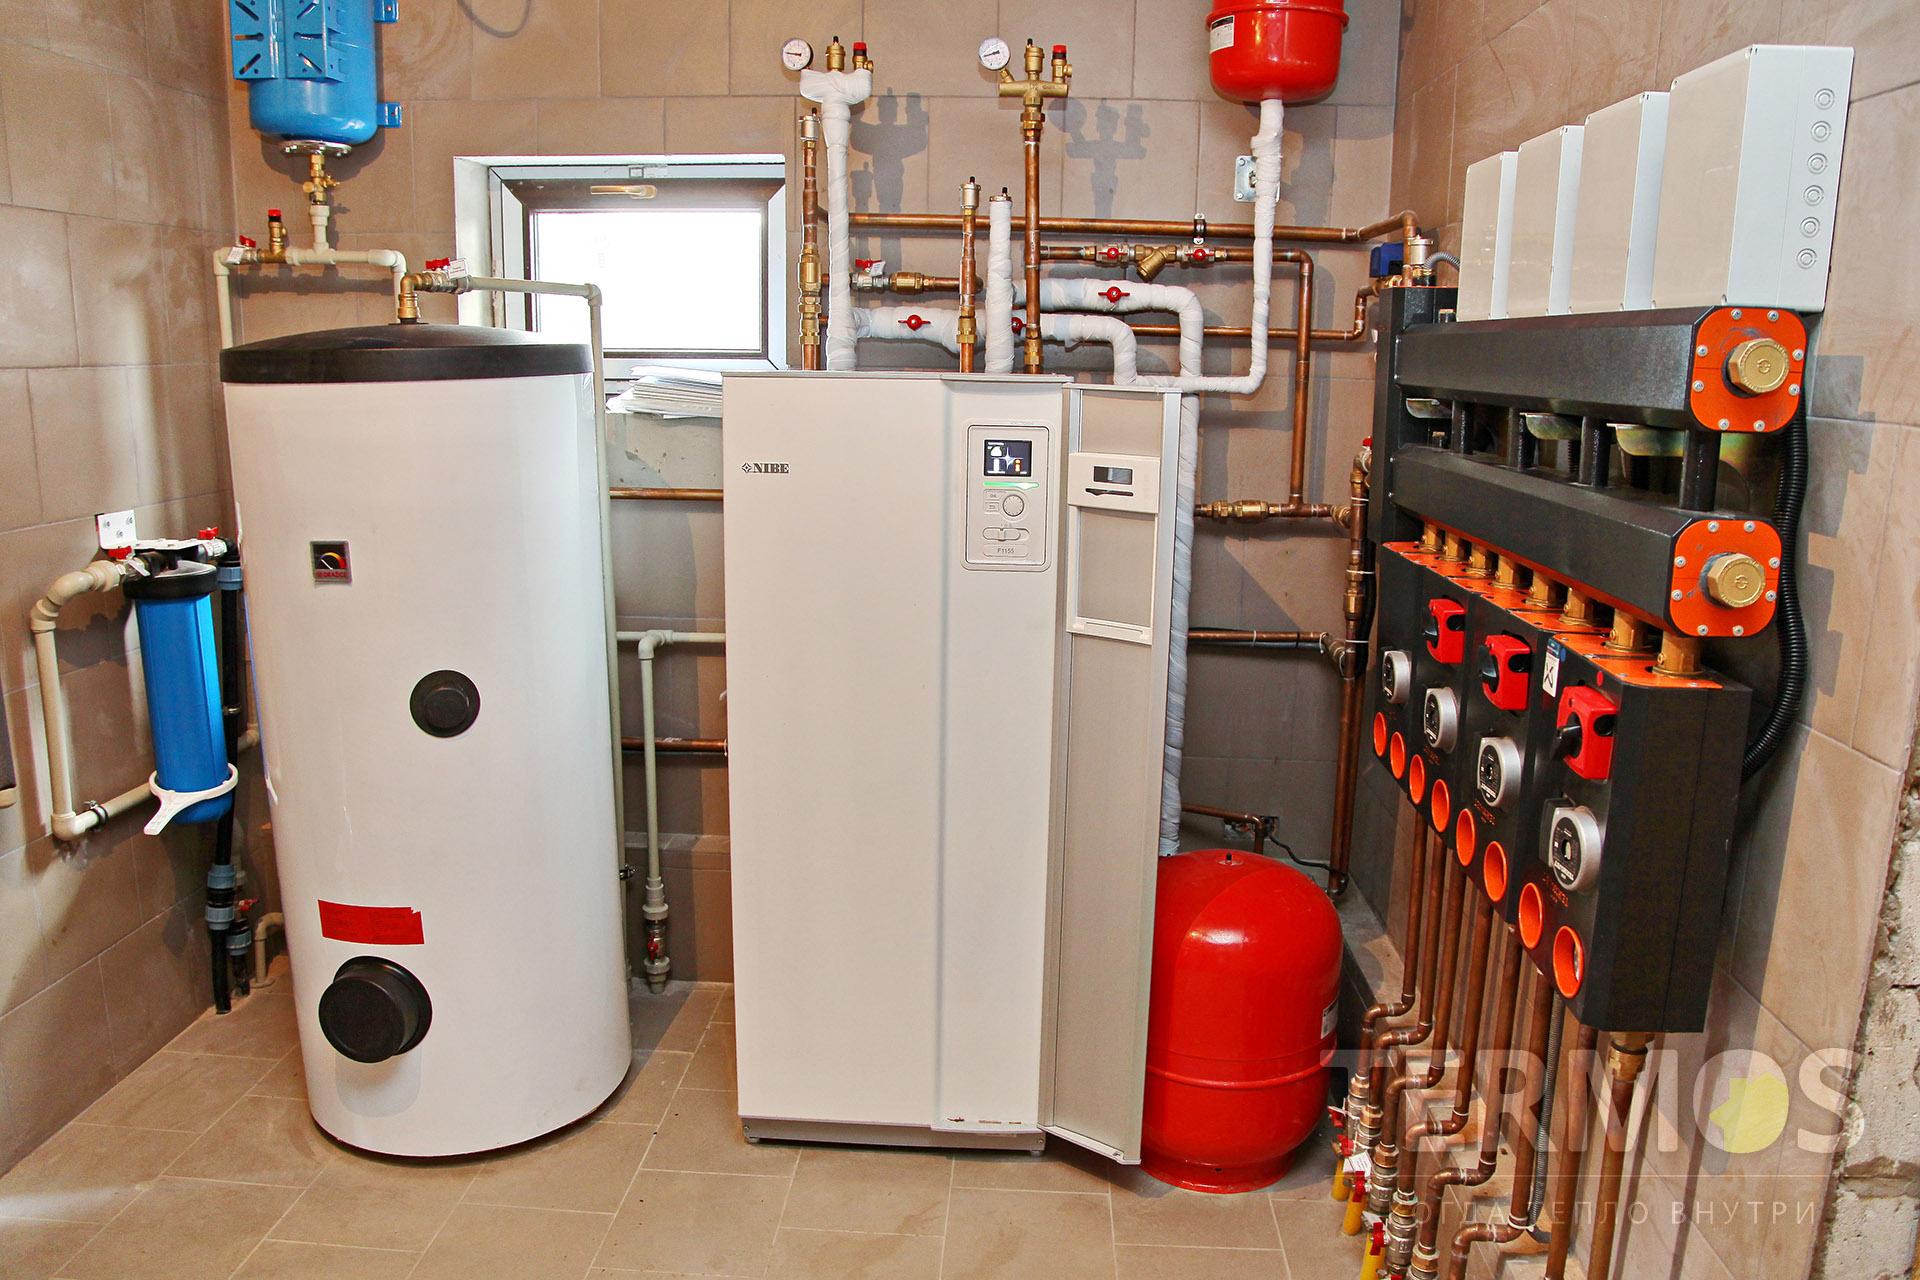 Петрівці. Будинок 300 м.кв. Система опалення на геотермальному інверторному тепловому насосі NIBE 1155 16 кВт, з 5 геотермальними свердловинами по 70 м